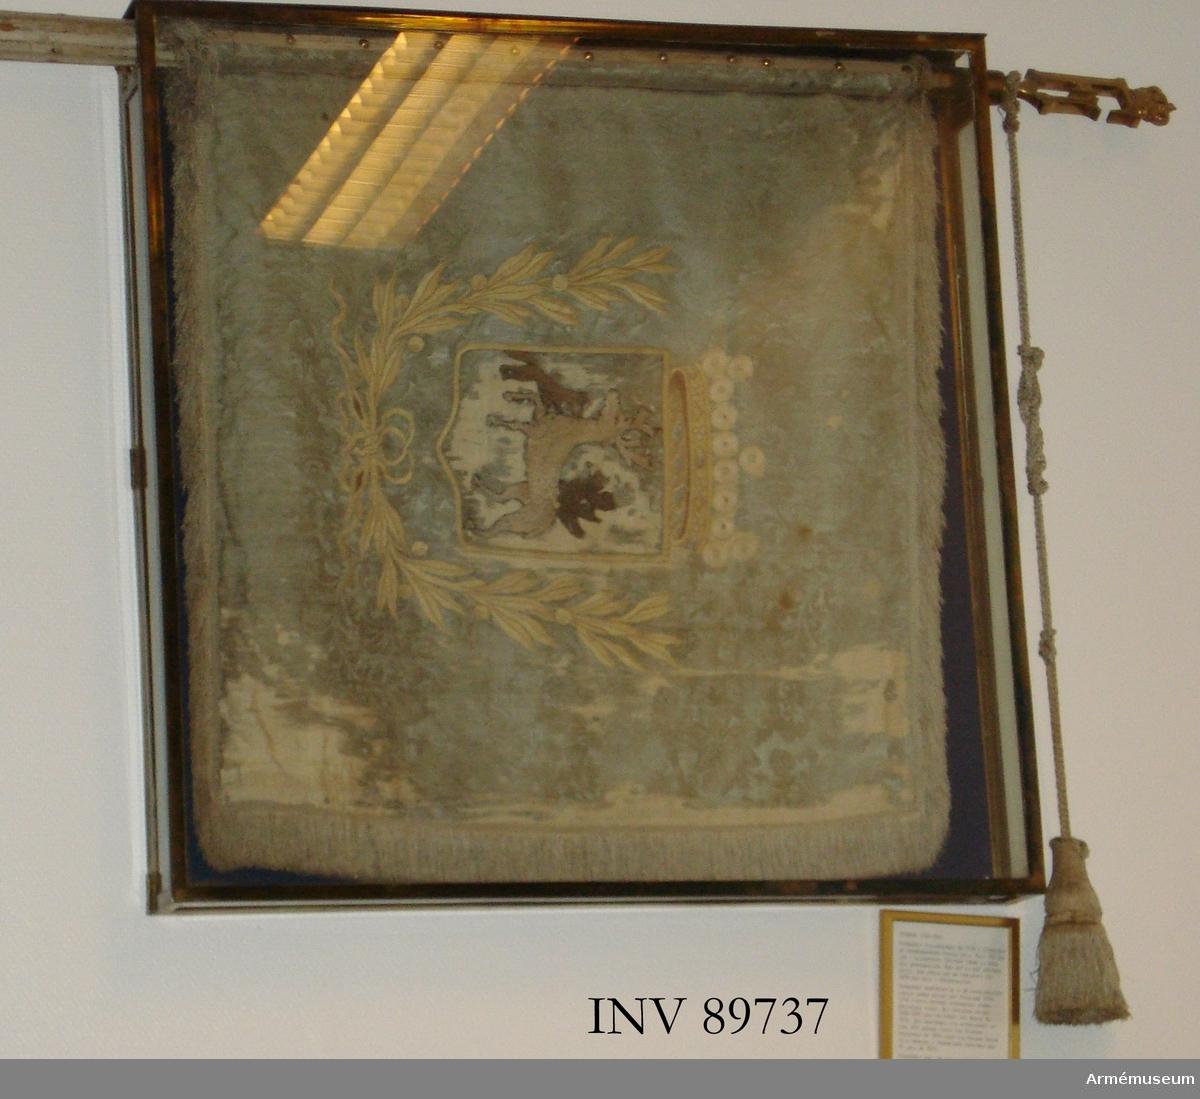 På ljusblå duk Jämtlands landskapsvapen under öppen krona samt omgiven av en lagerkrans. Motivet broderat. Duken är konserverad. Originalkordongerna är bevarade men spetsen på standaret är inte original.